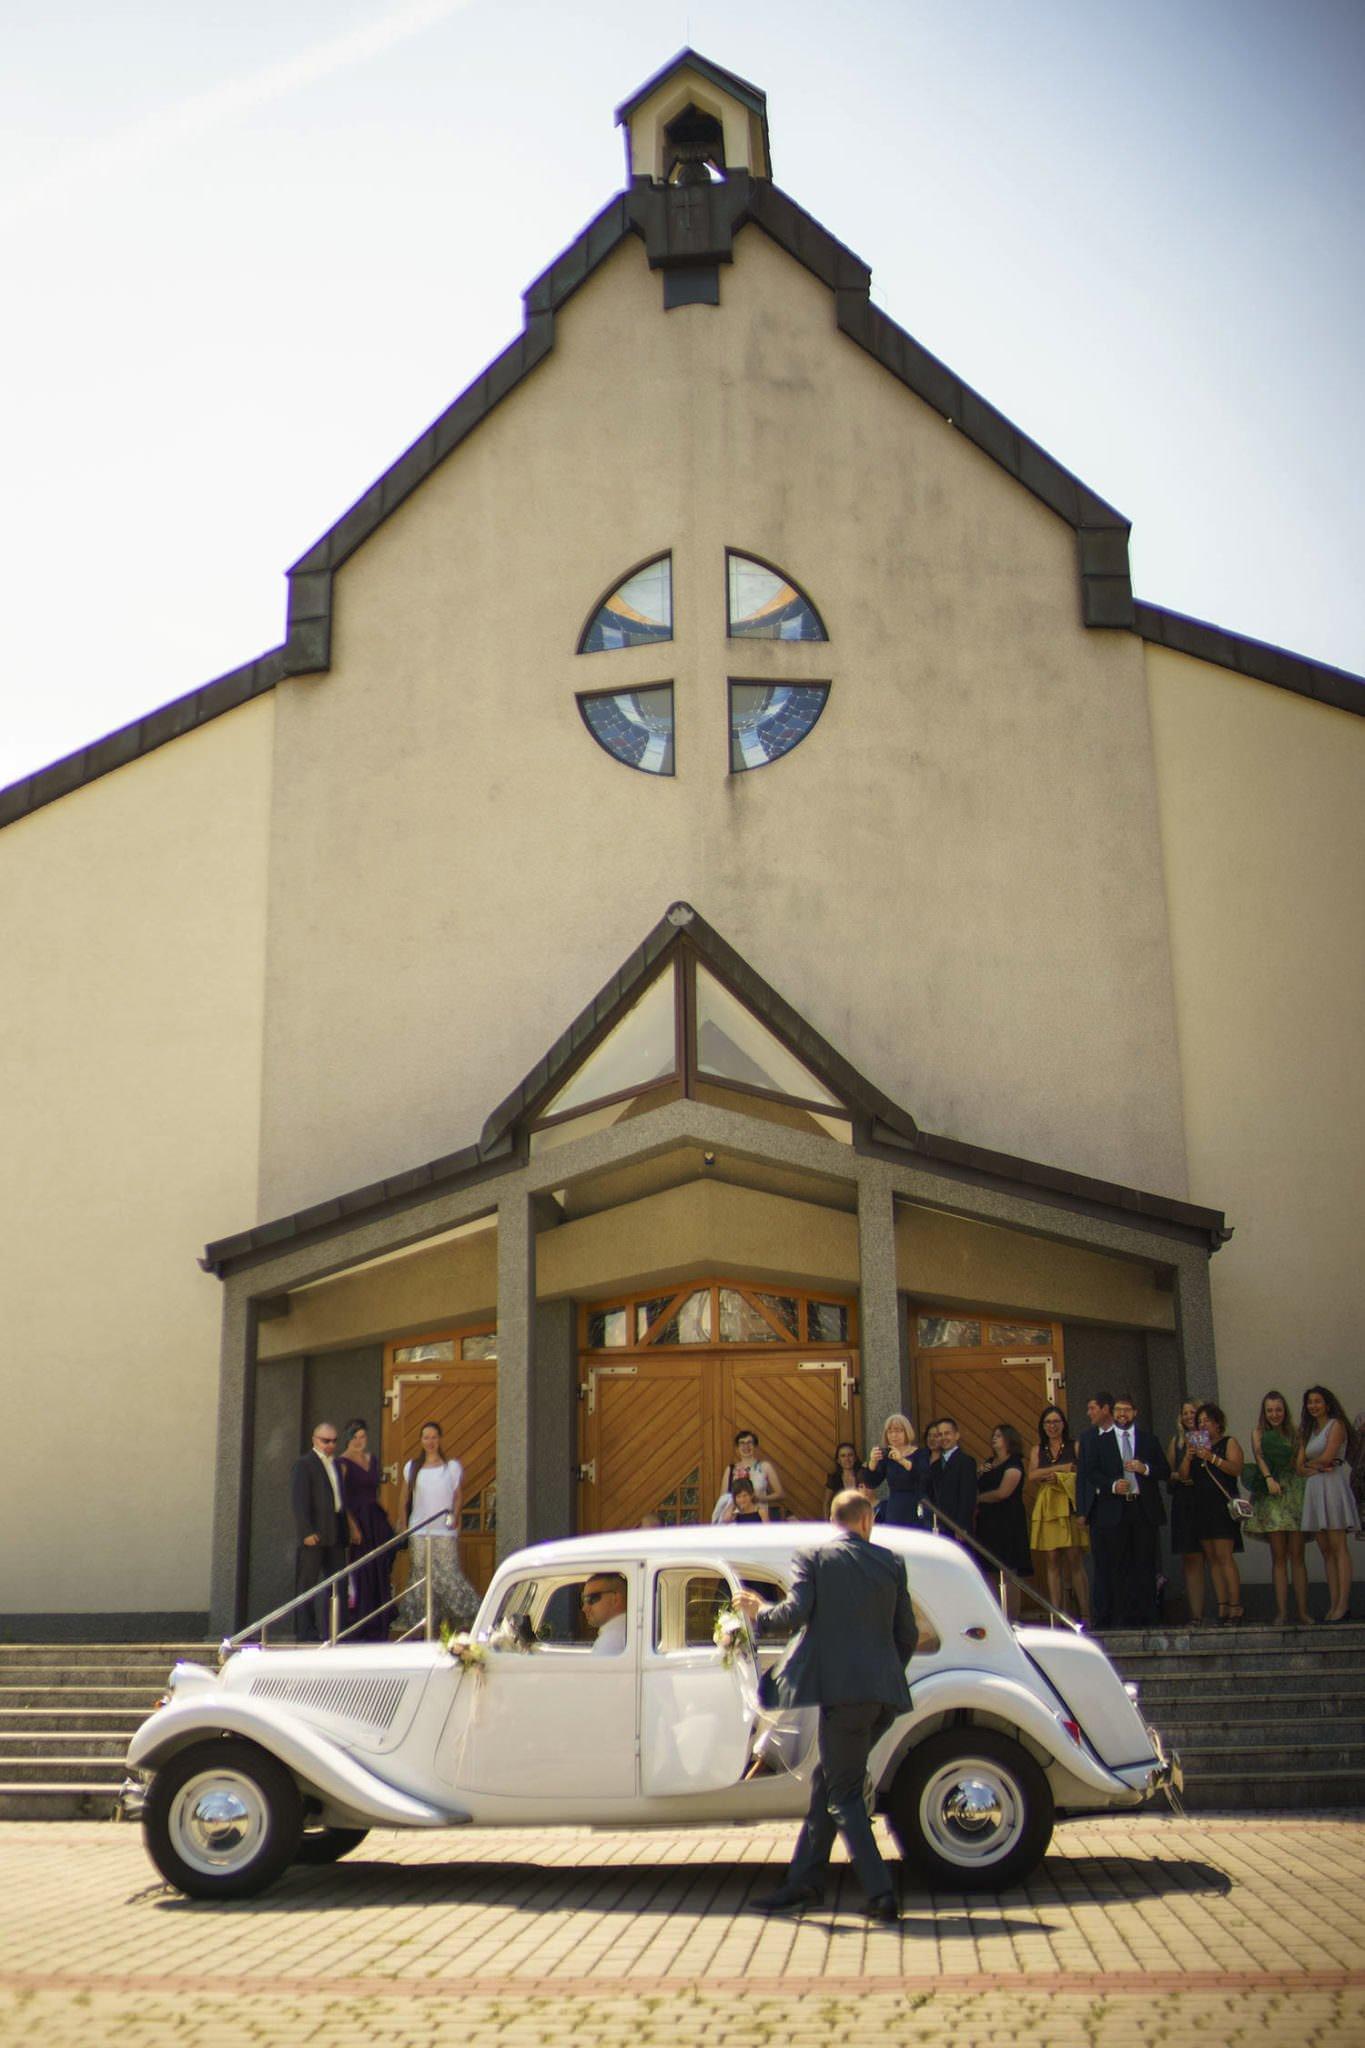 fotografie wesele browar obywatelski tychy 12 - Wesele w Browarze obywatelskim - OLA & IVO